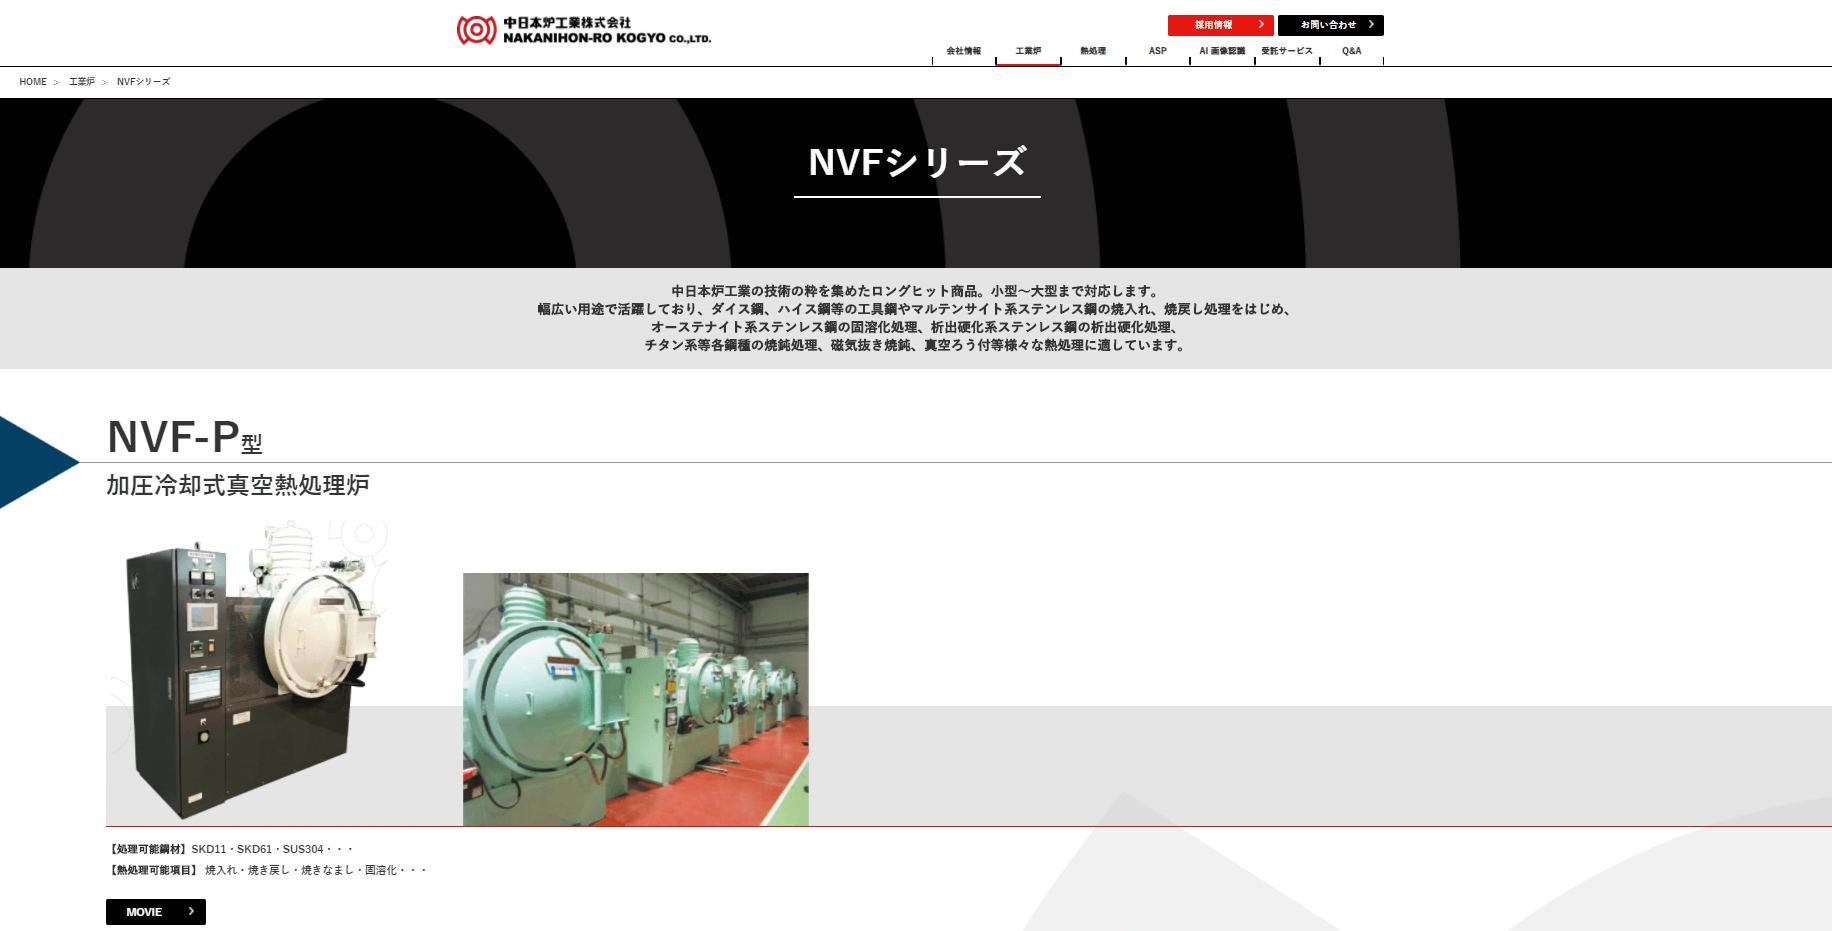 NVF-P型 加圧冷却式真空熱処理炉